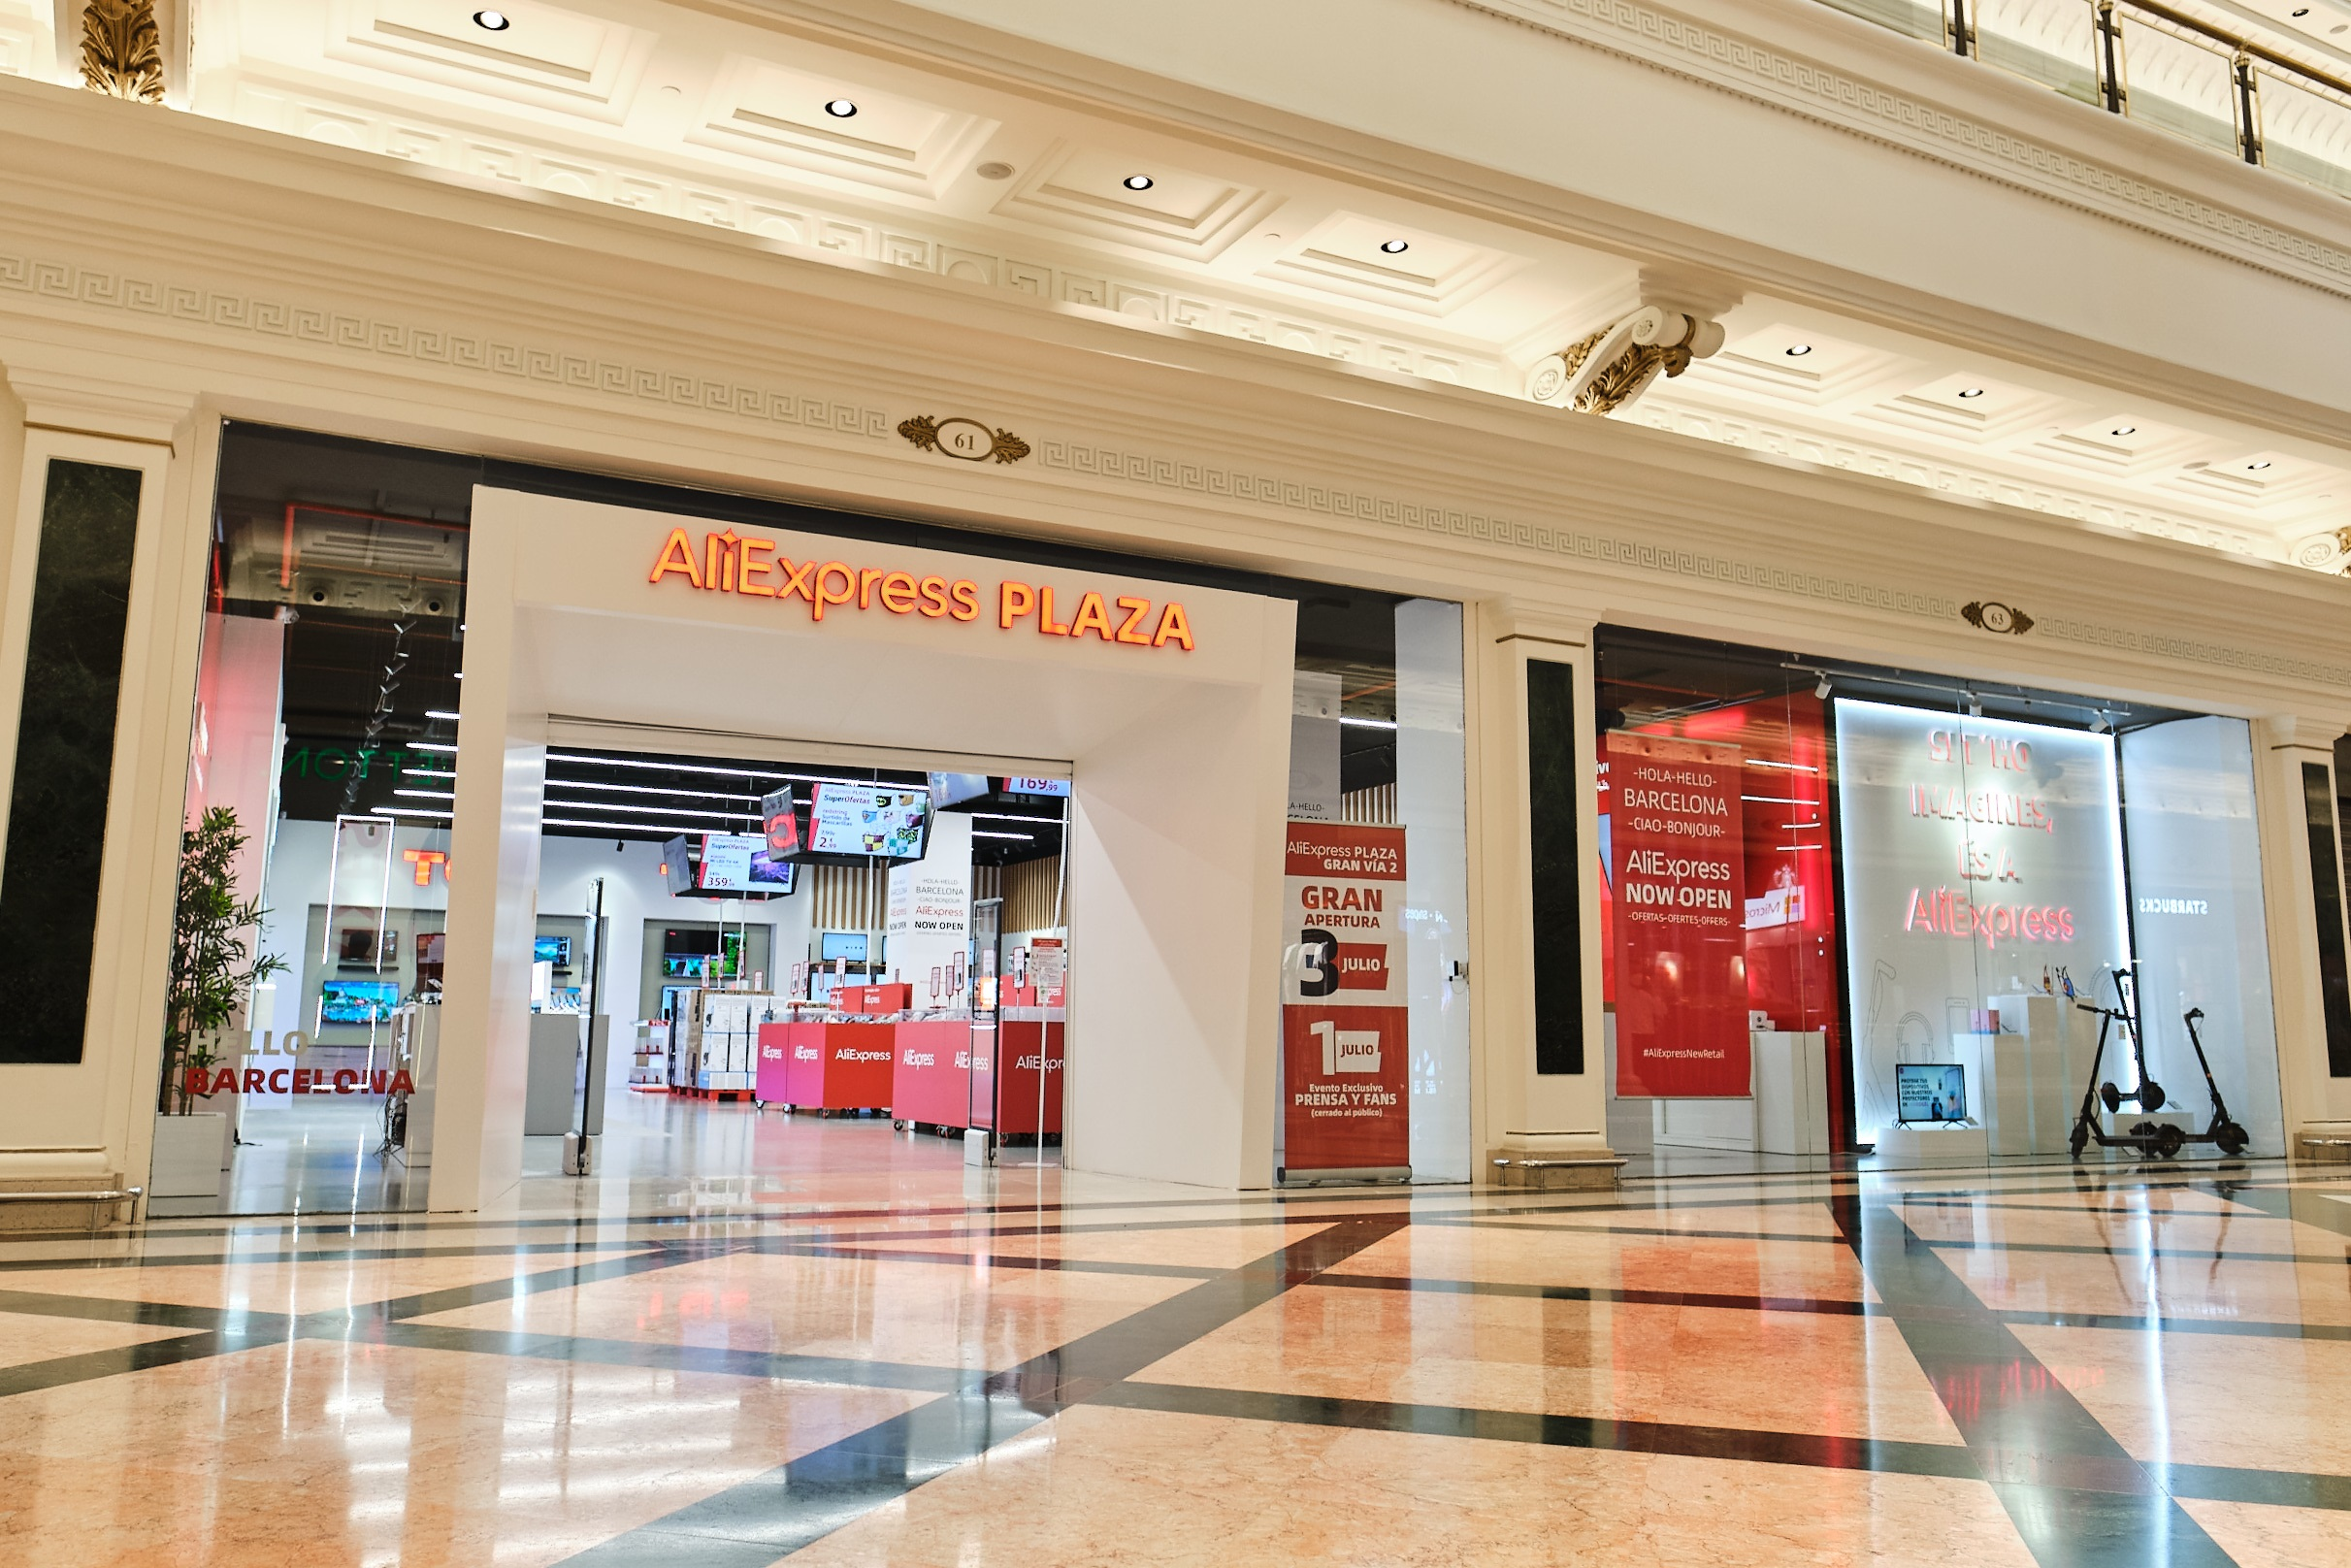 Tienda 'AliExpress Plaza' en el Centro Comercial Gran Via 2 de L'Hospitalet de Llobregat (Barcelona) / ALIEXPRESS